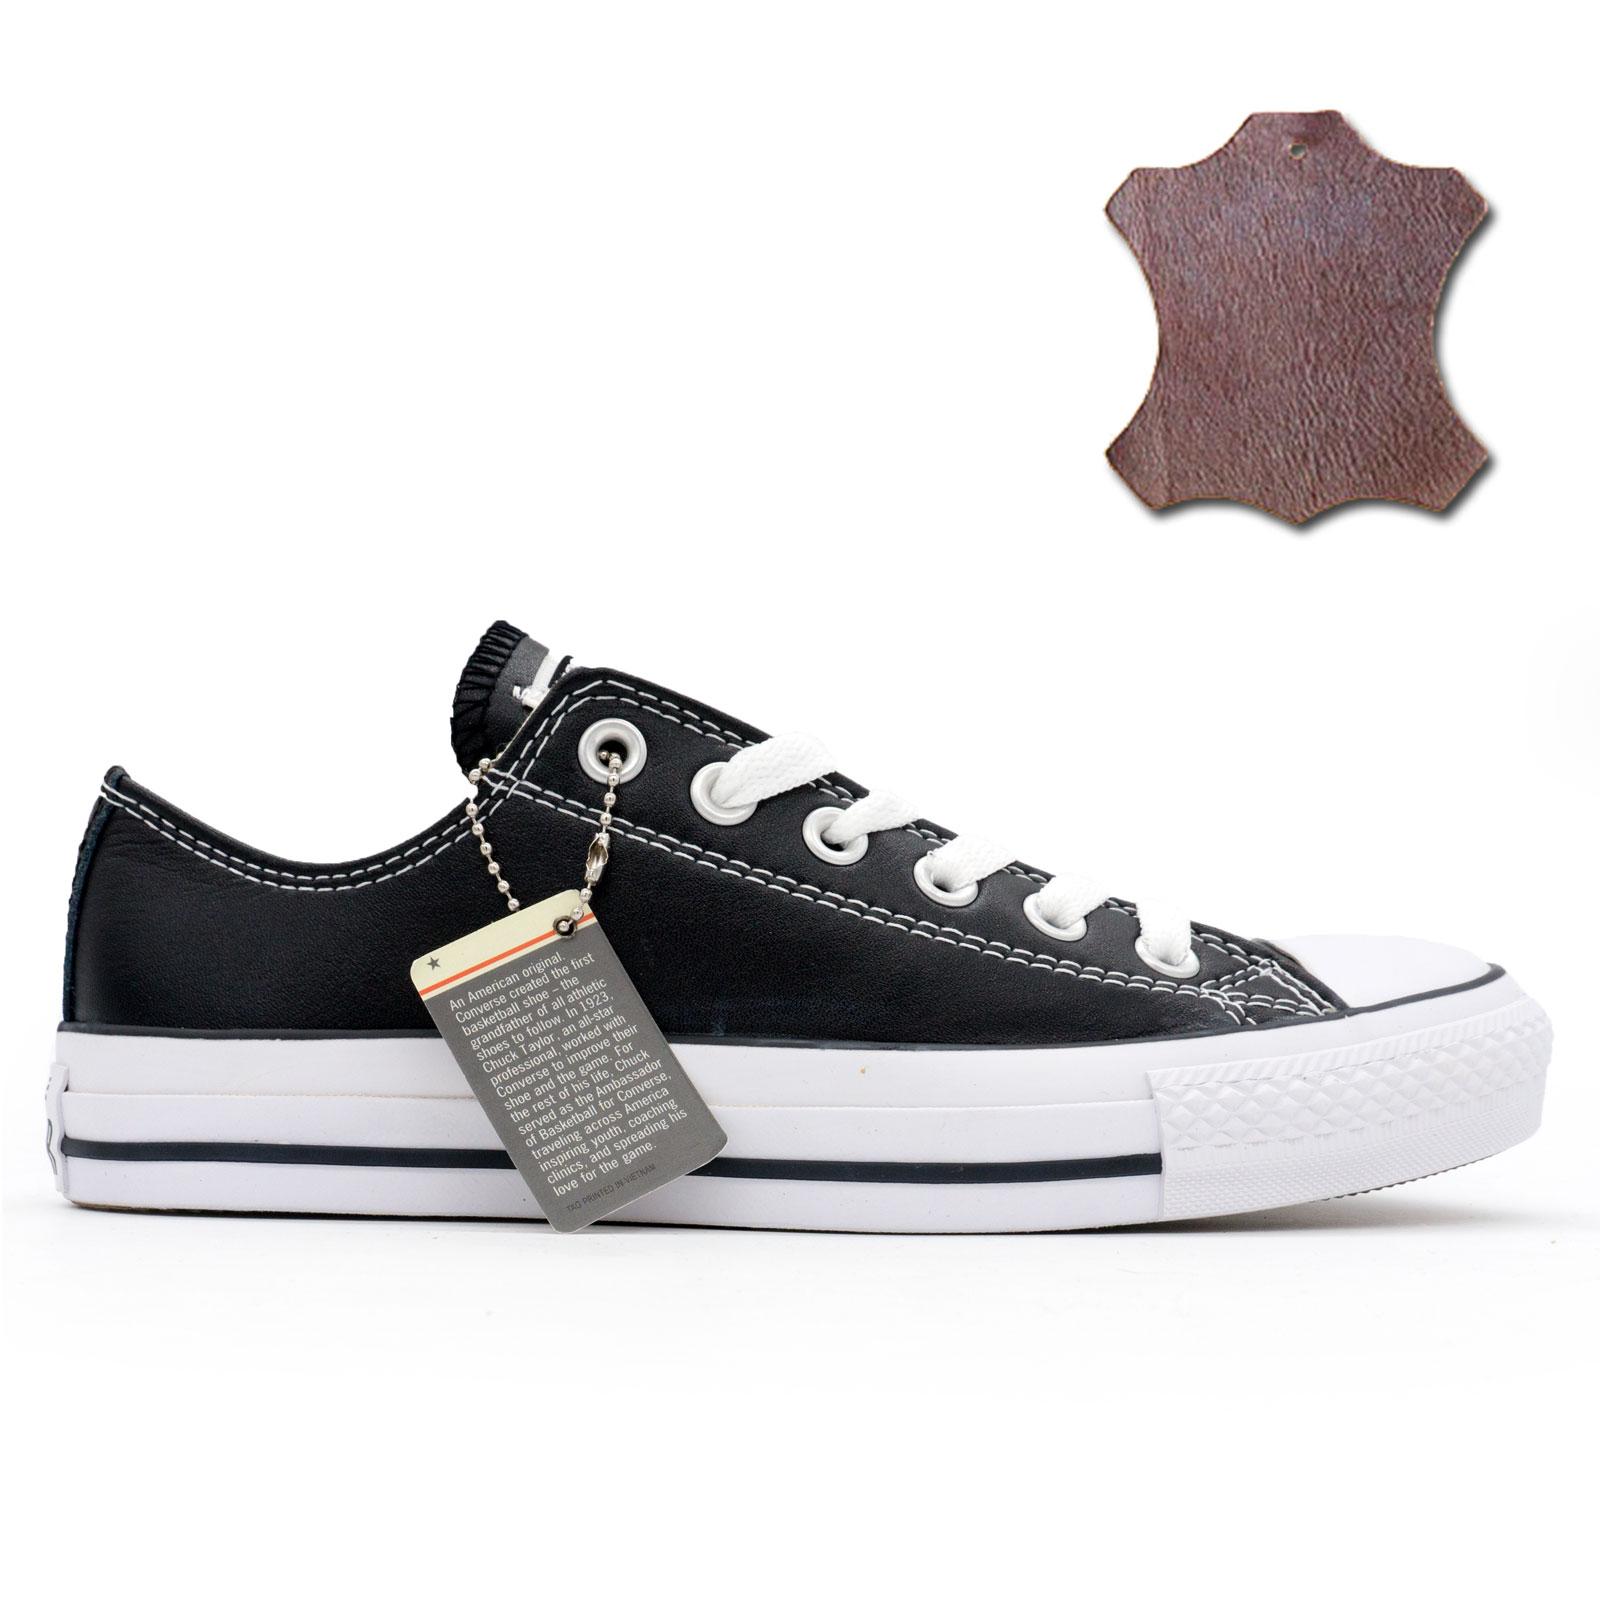 фото main Кеды Converse кожаные низкие черные main